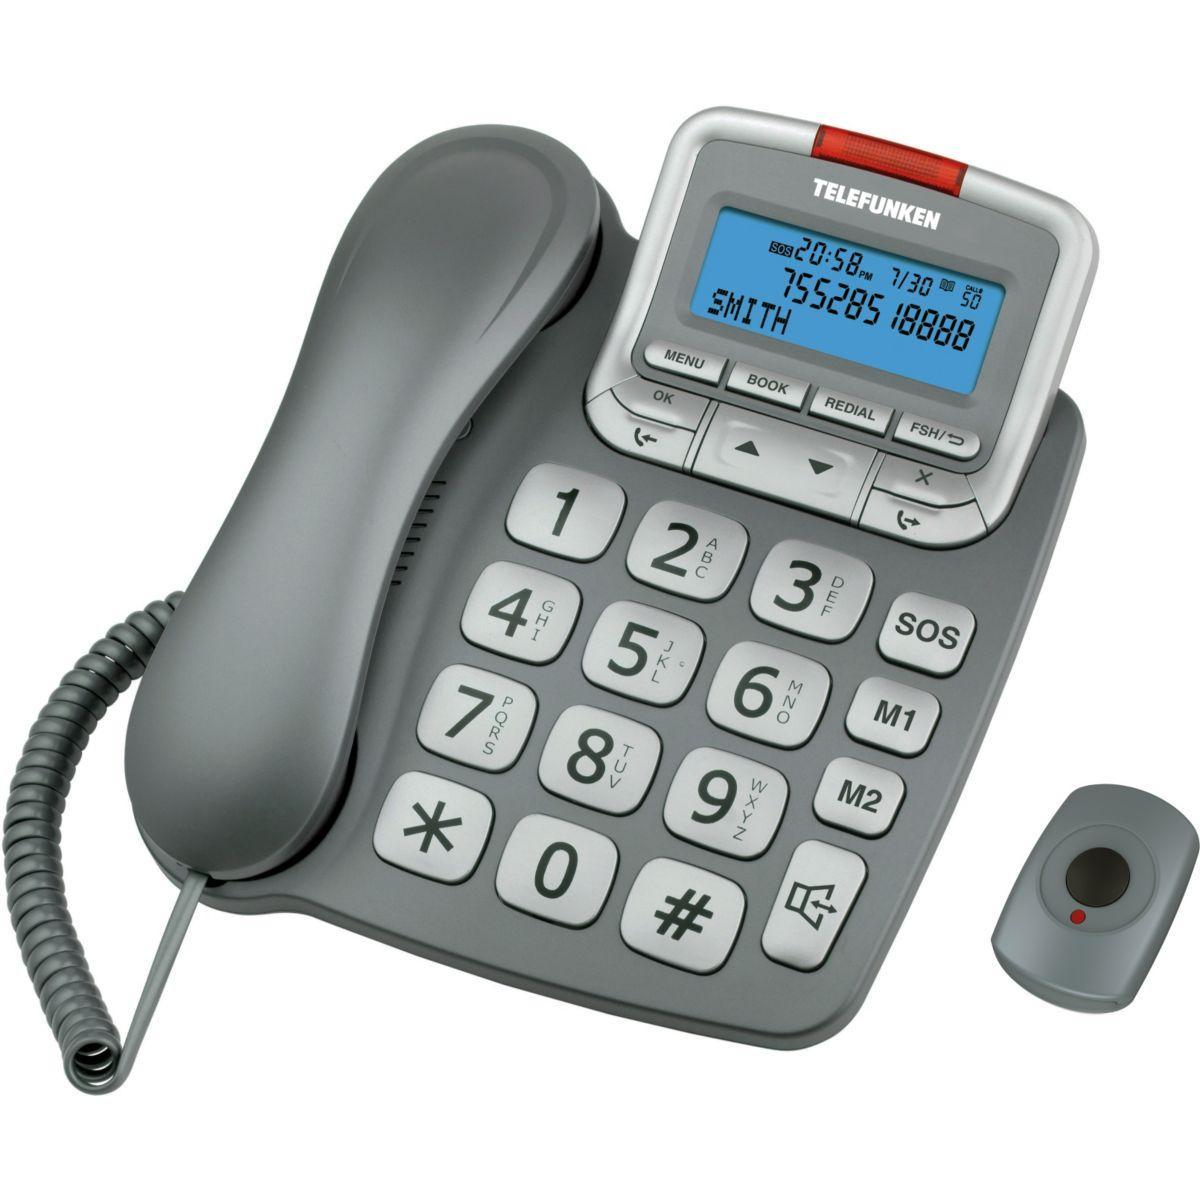 Téléphone filaire telefunken tf591 solo gris avec sos - 20% de remise immédiate avec le code : cool20 (photo)